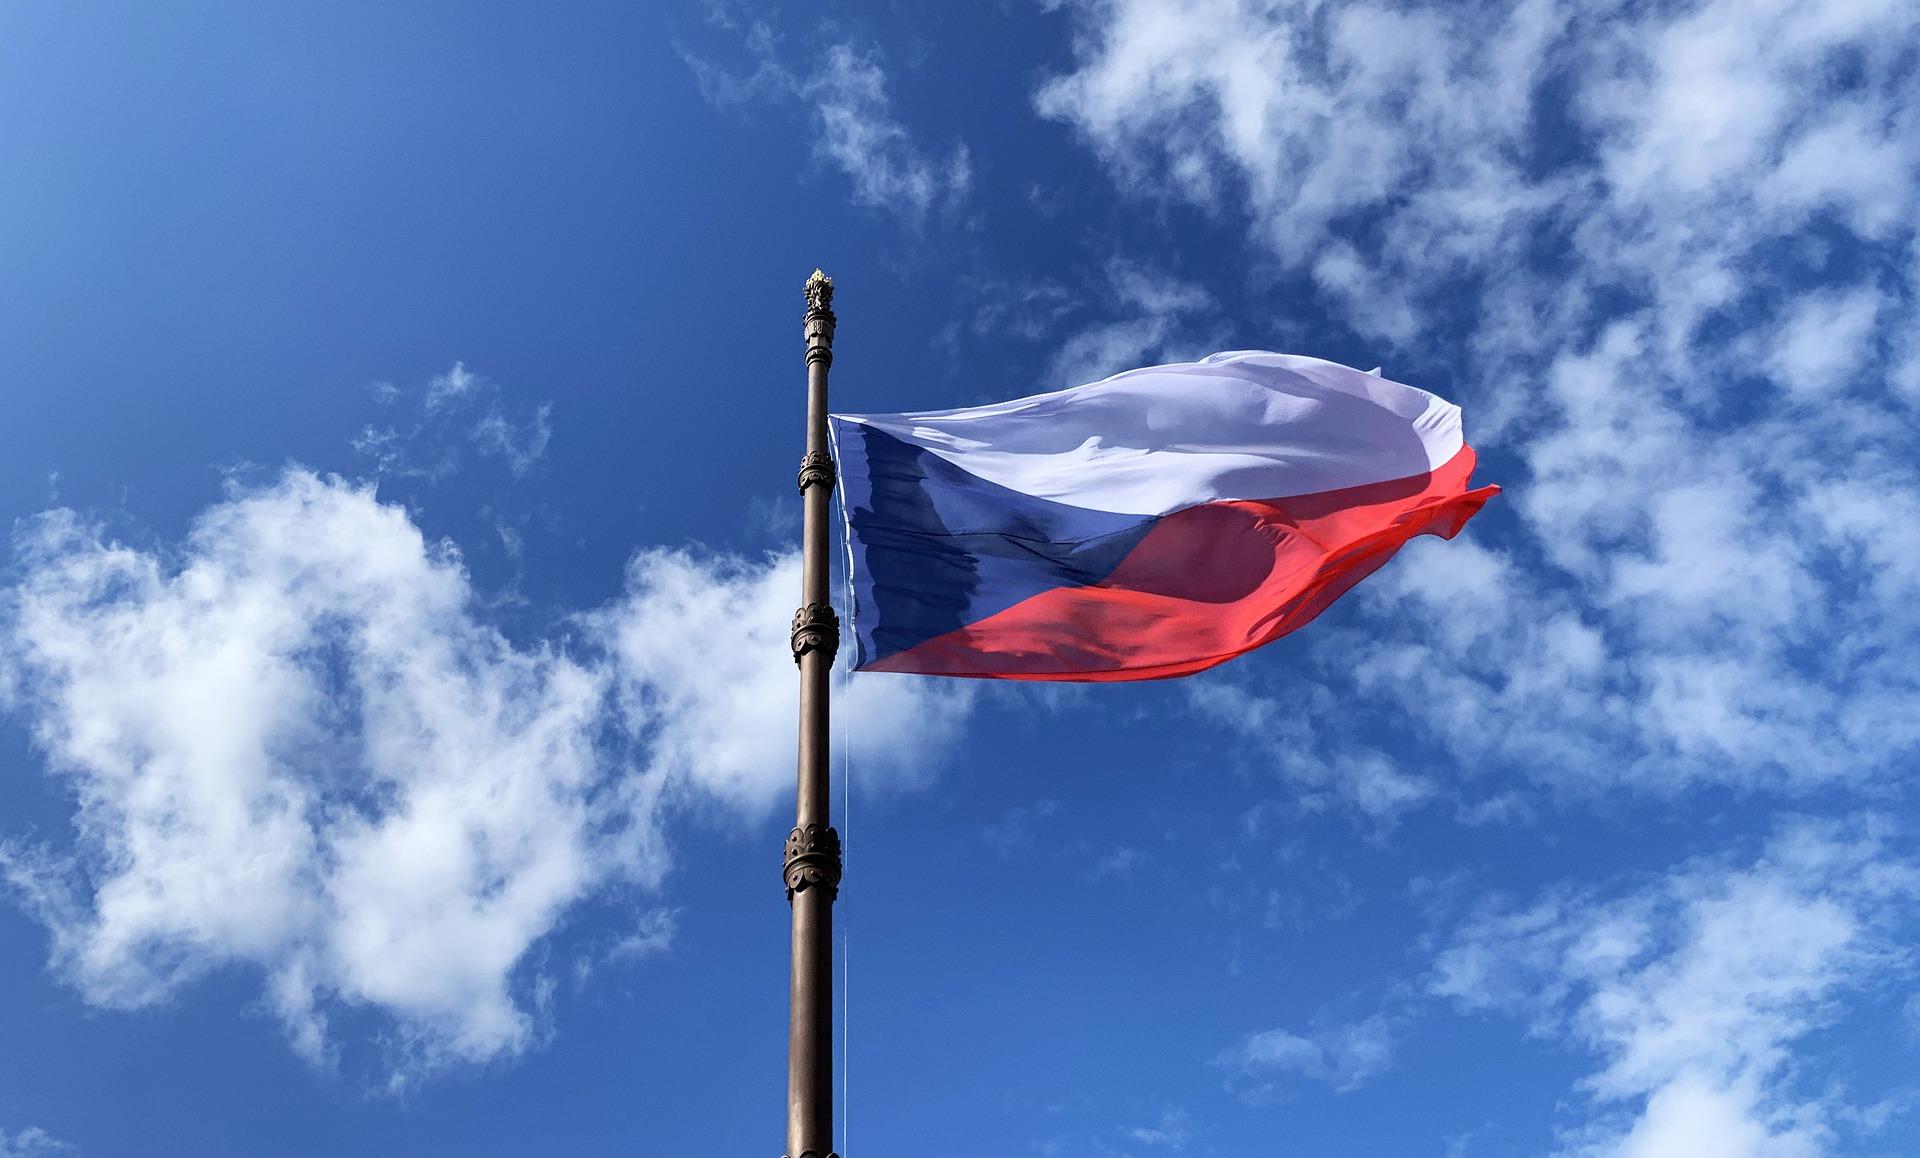 česko, česká republika, vlajka, czech